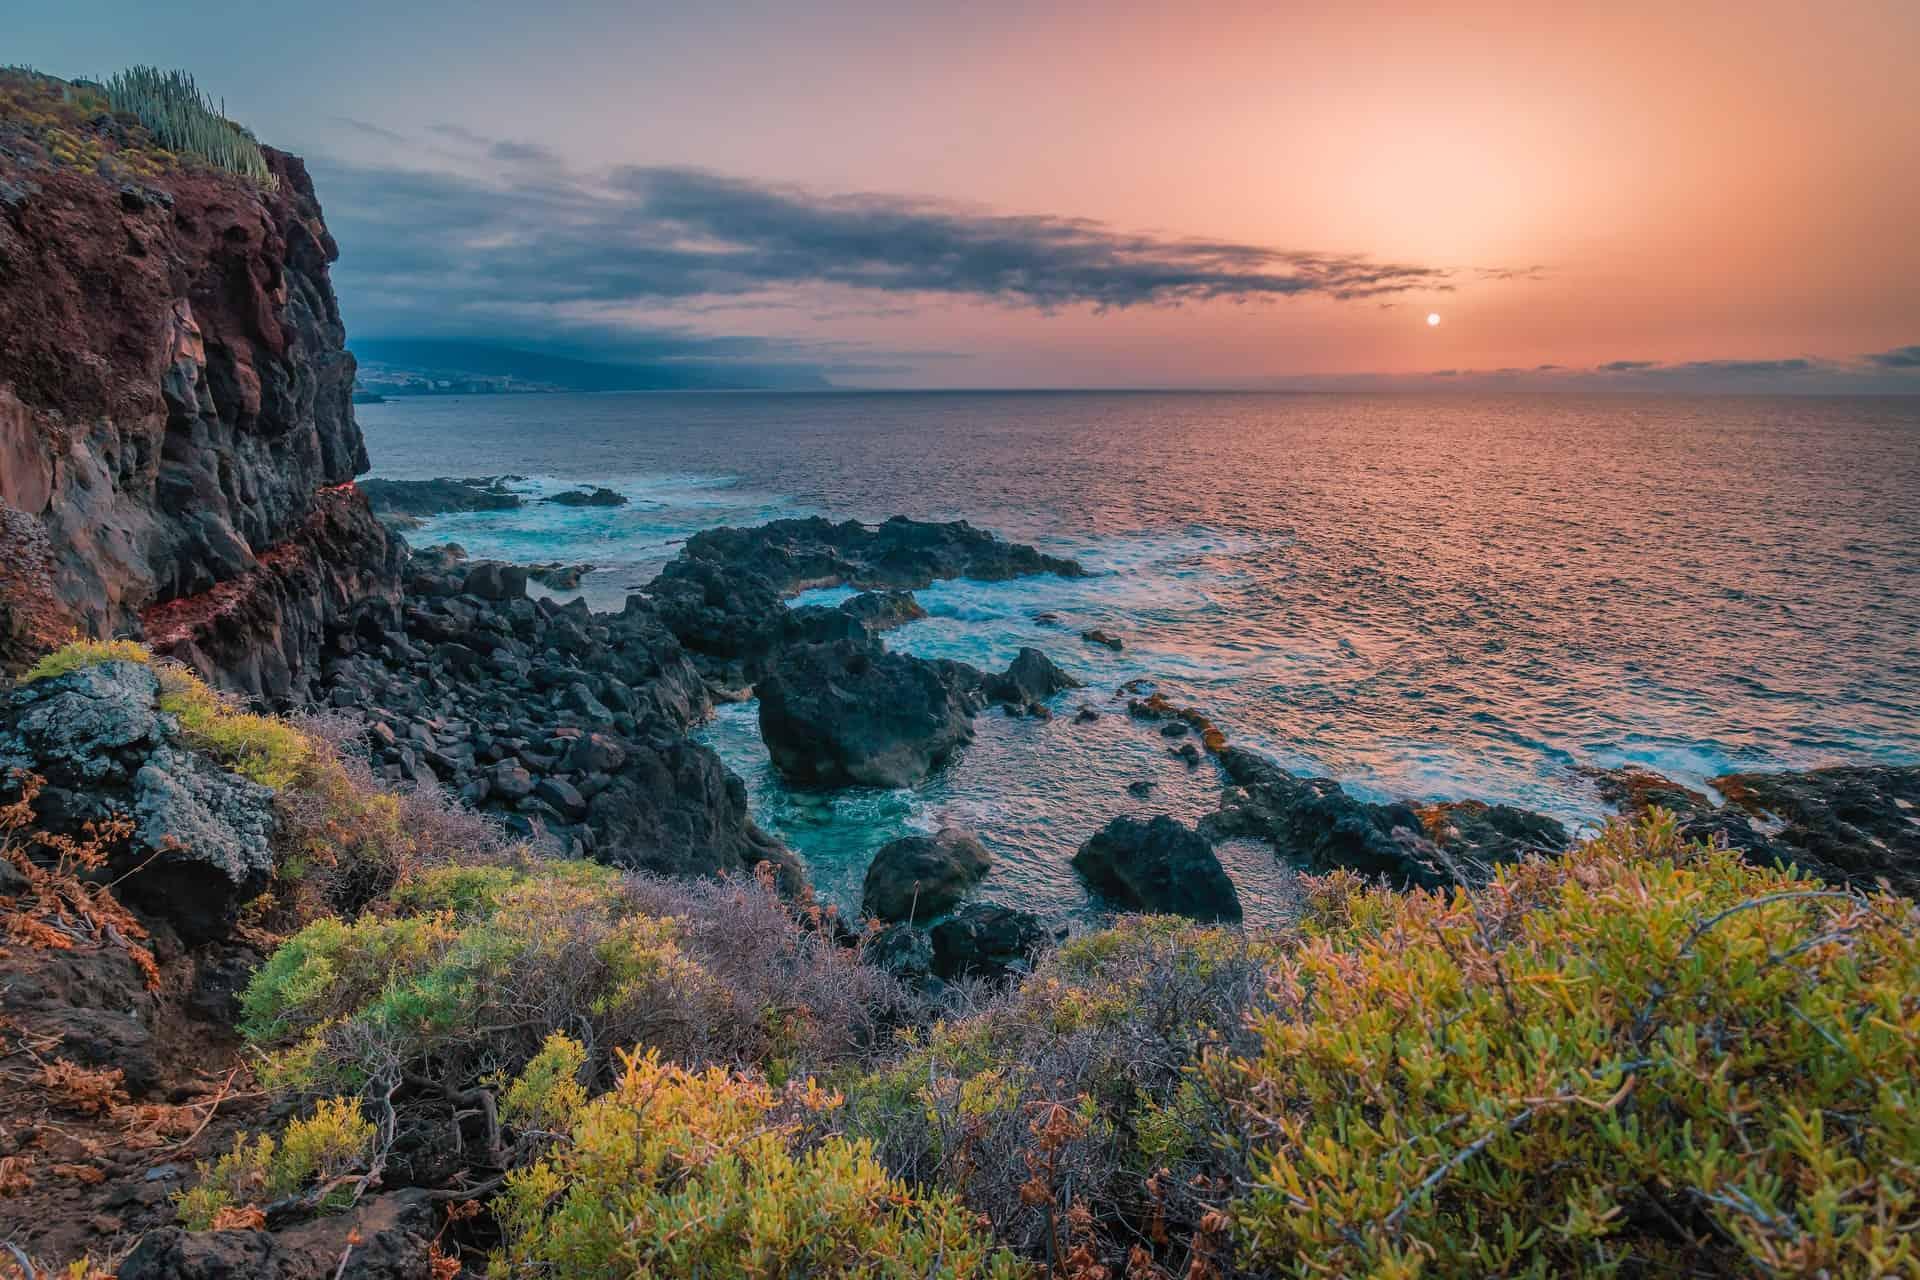 Tenerife cierra sus fronteras pero permitirá el ingreso de turistas que tengan reservas en un alojamiento turístico